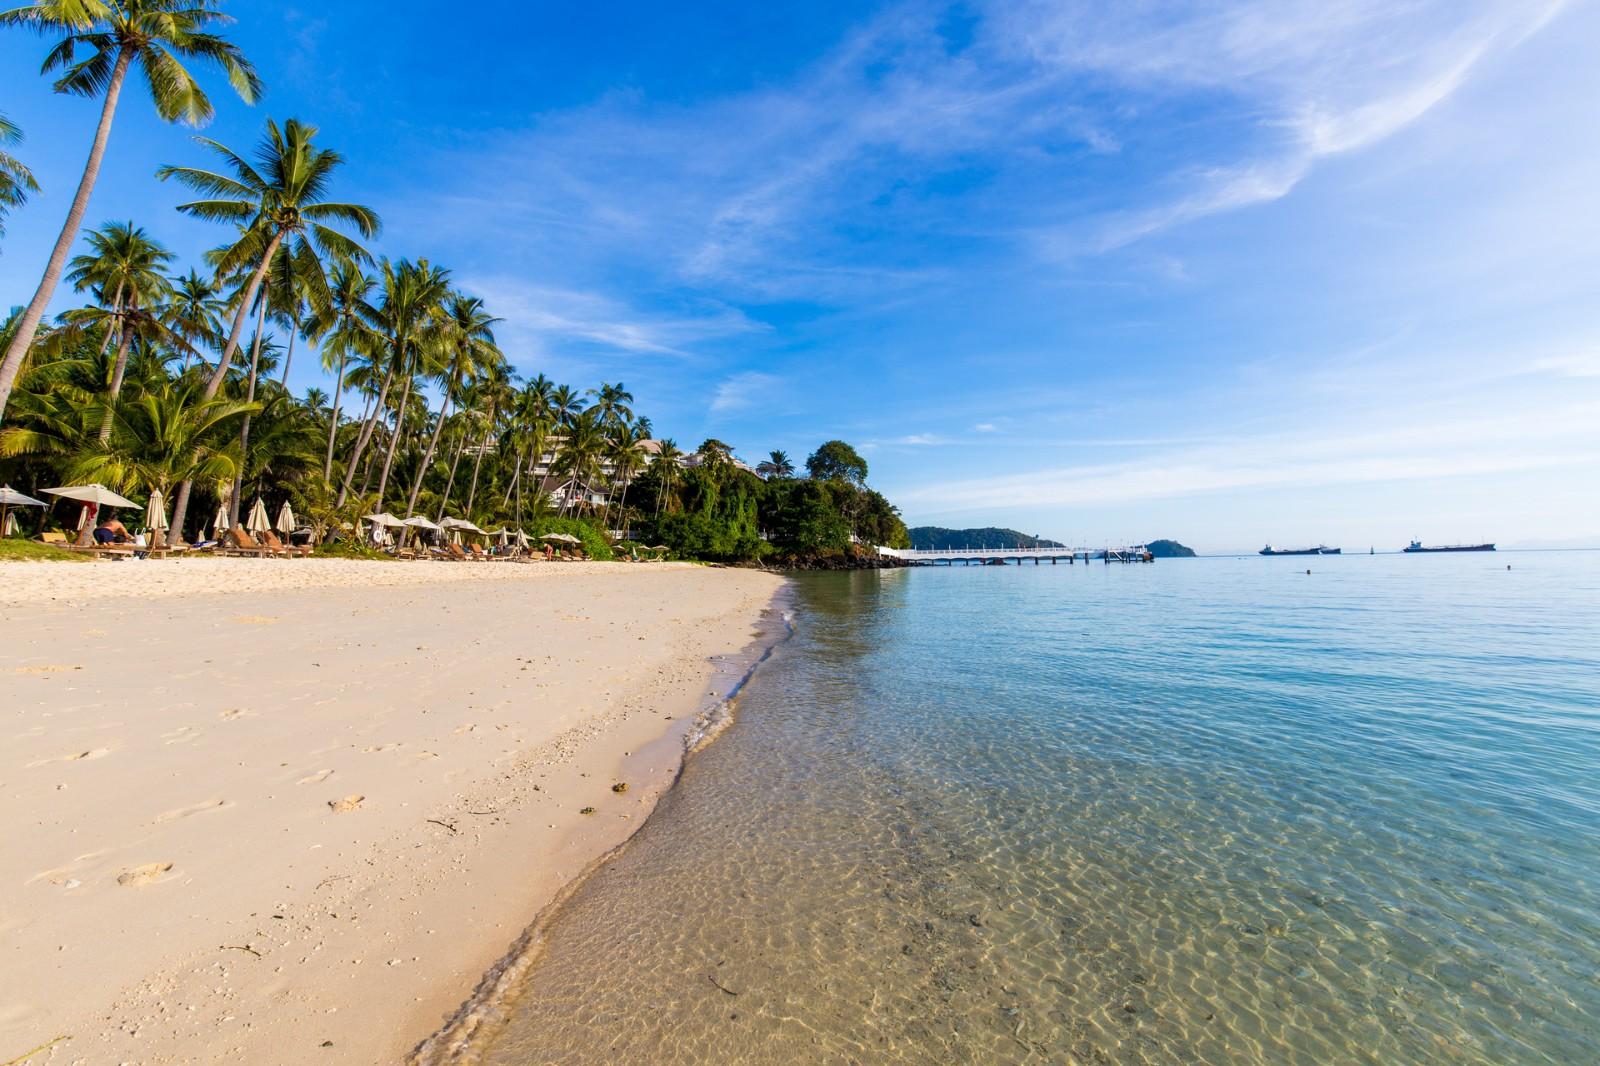 三月份去清迈春游,500多的往返机票,四刷泰国了!